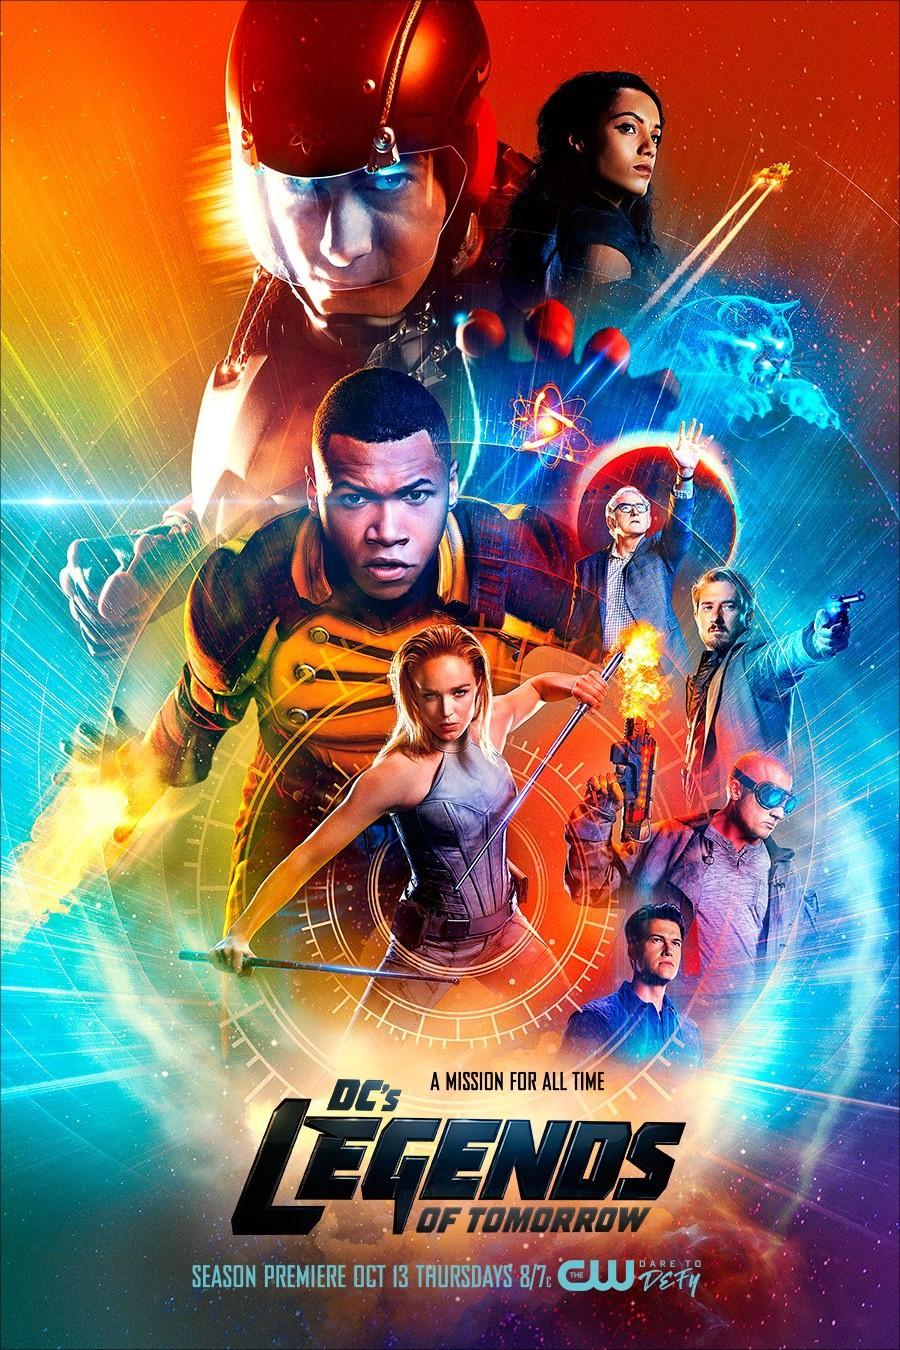 Легенды завтрашнего дня 3 сезон 4 серия СУБТИТРЫ | DC's Legends of Tomorrow